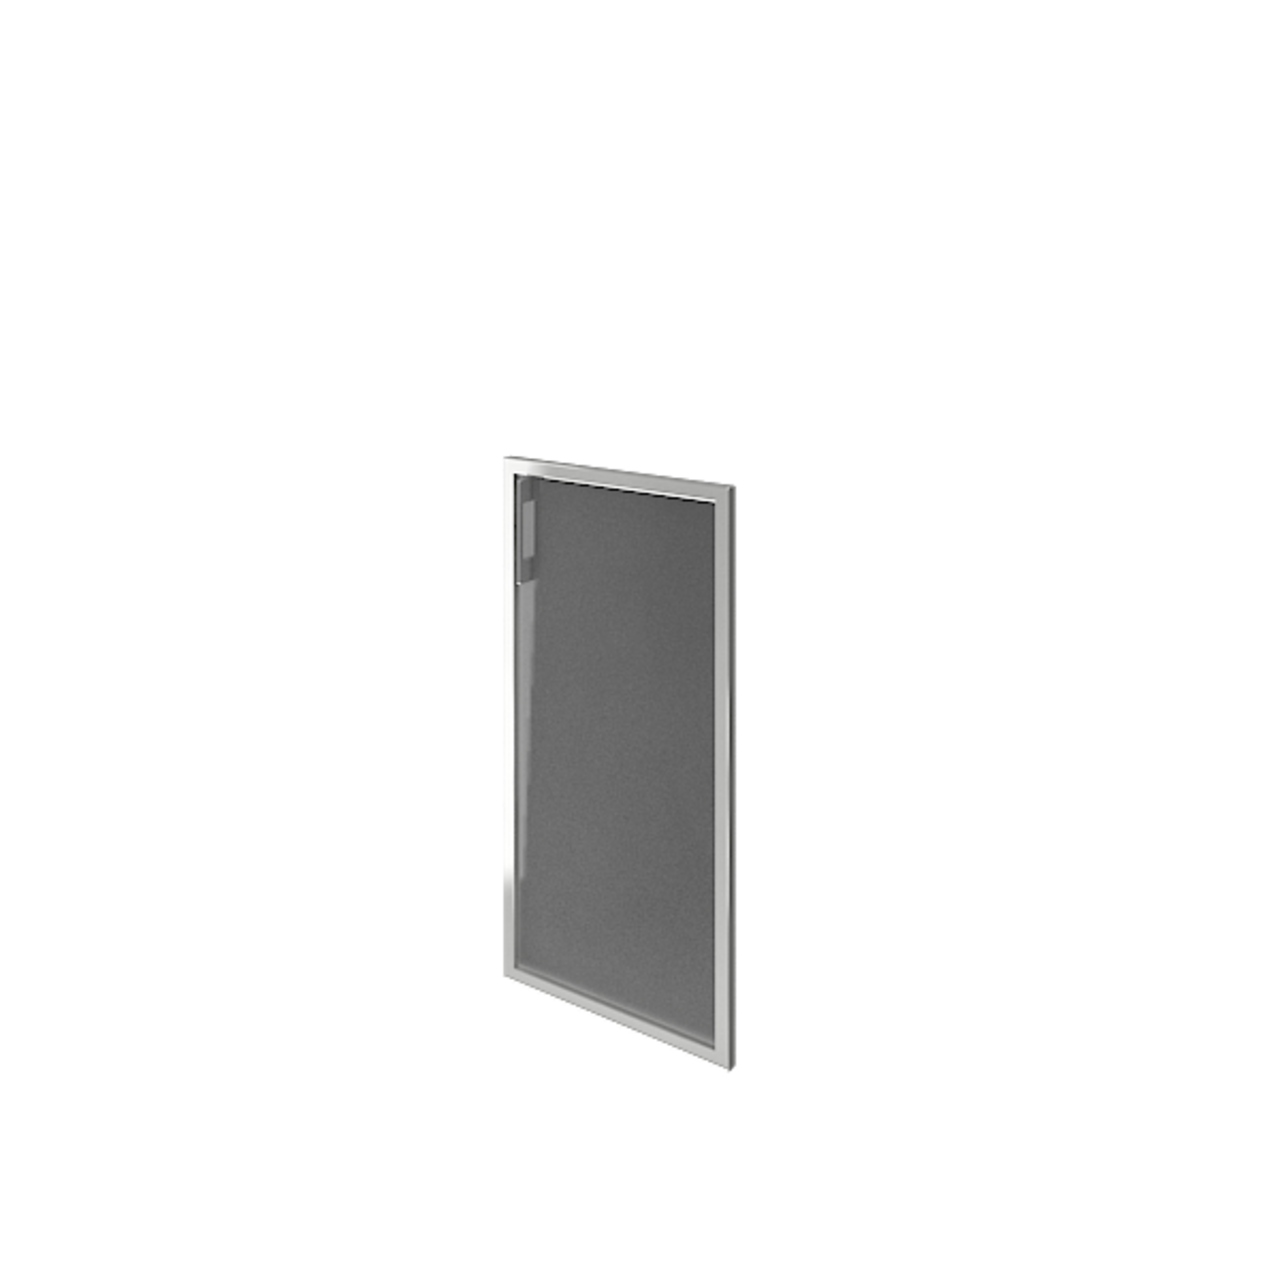 Дверь стекло в раме низкое правая - фото 4